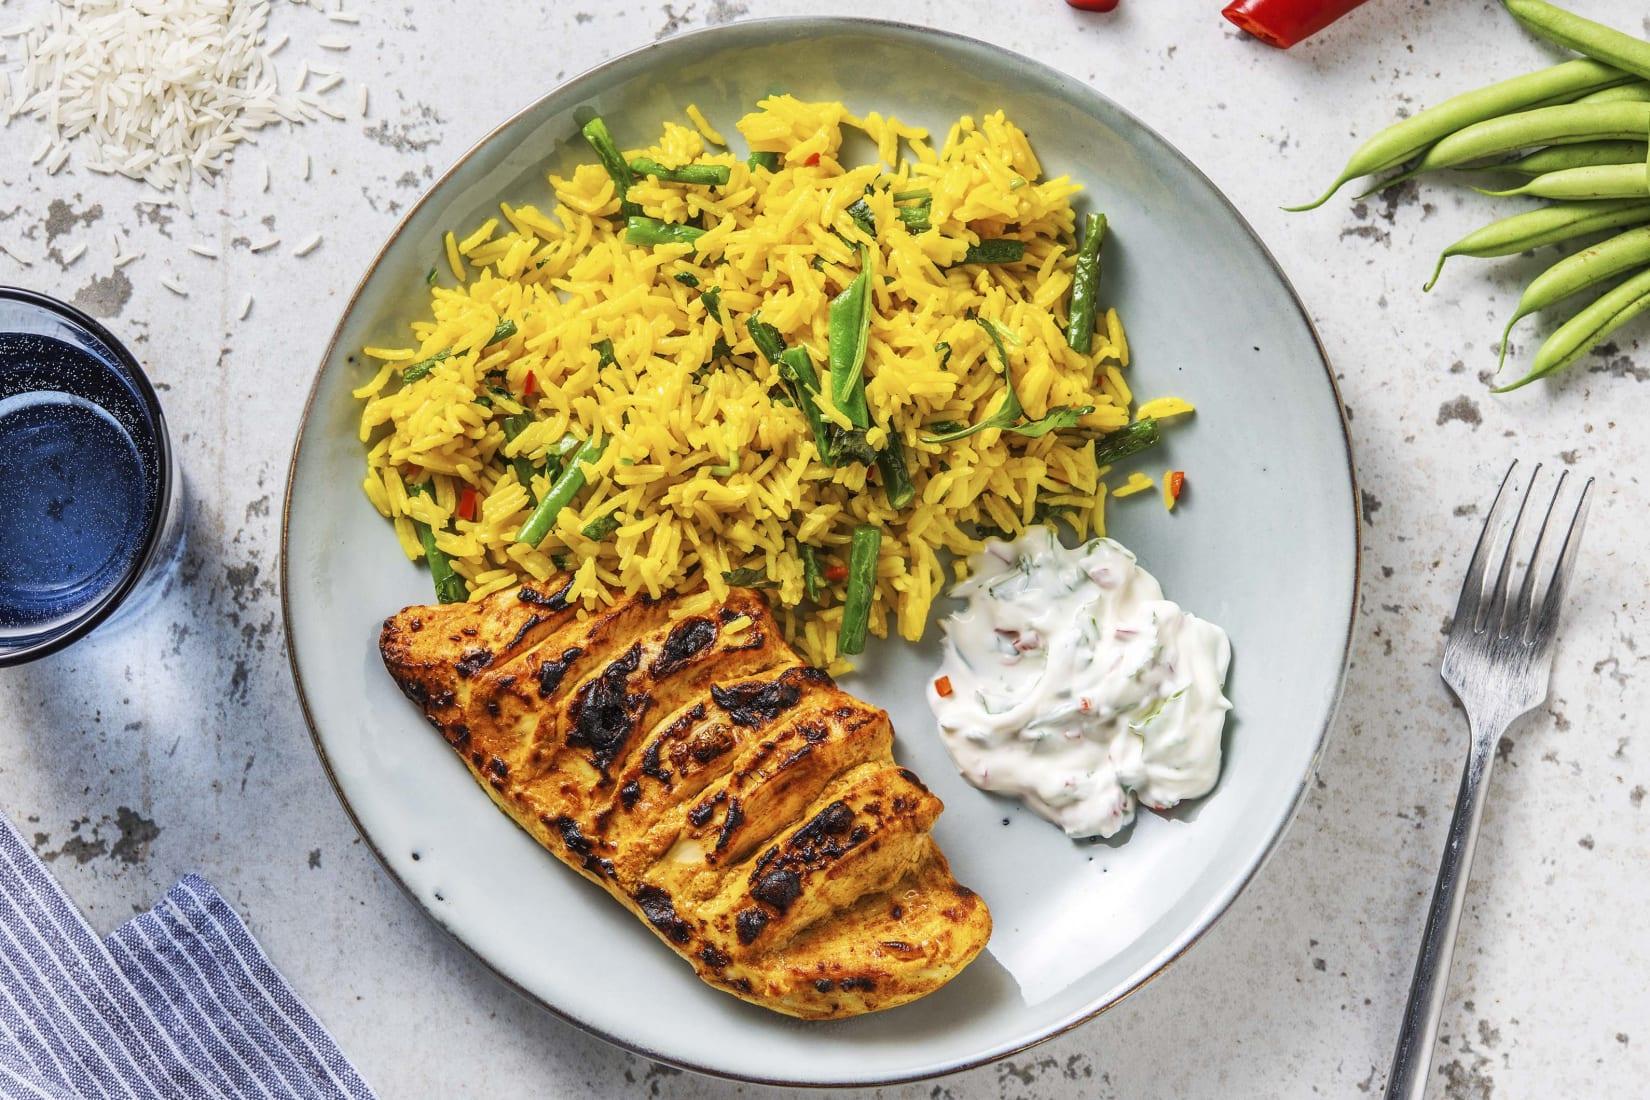 tandoori-hasselback-chicken-820d247e